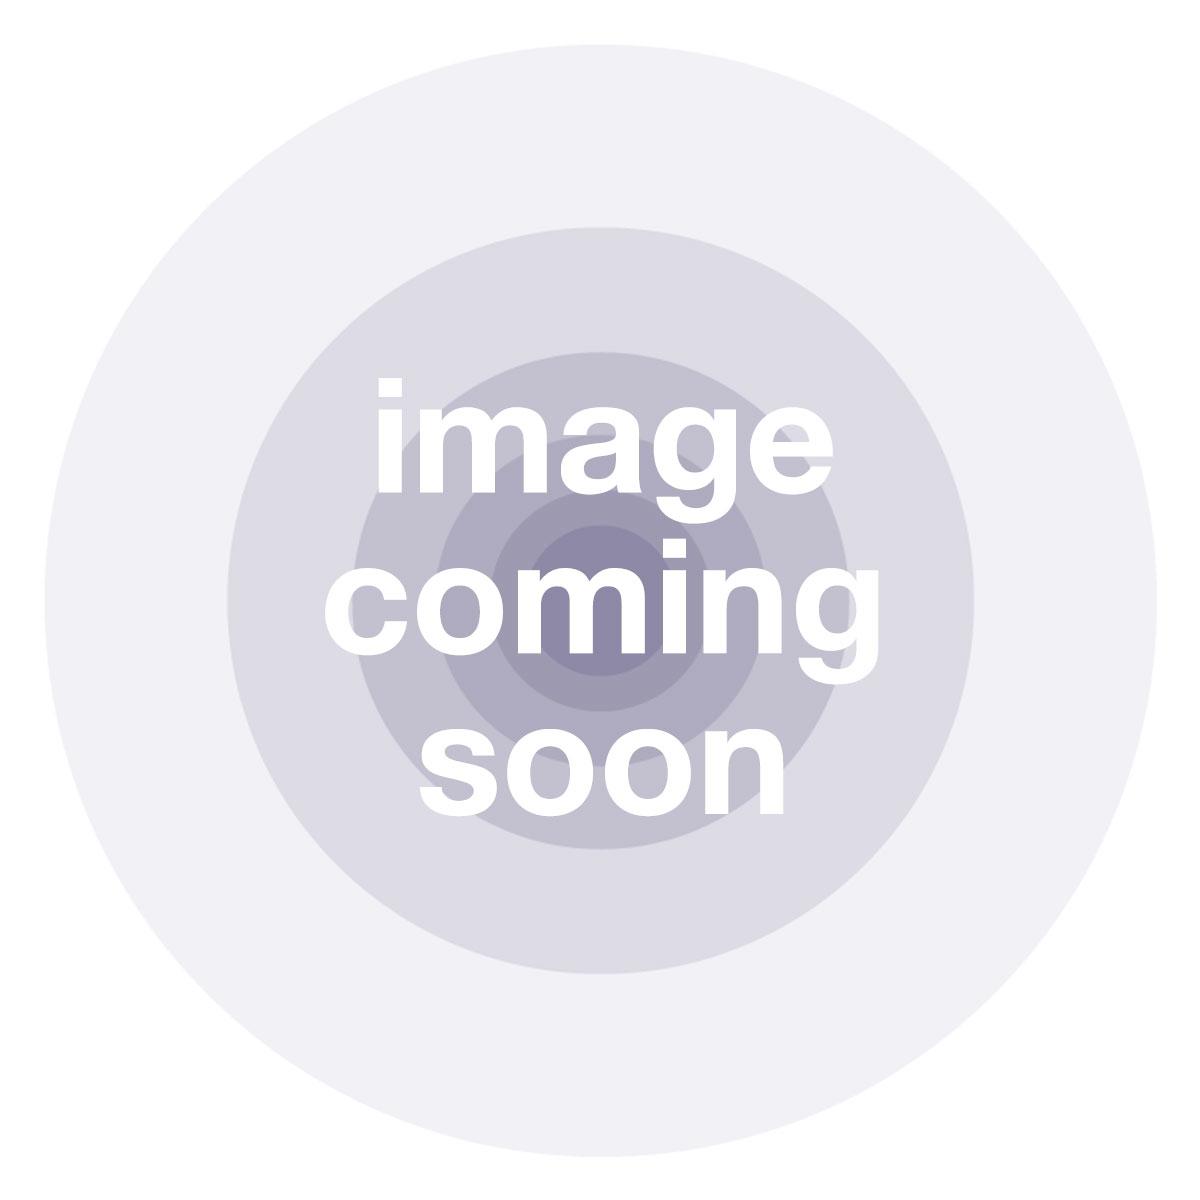 McDSP FilterBank E606